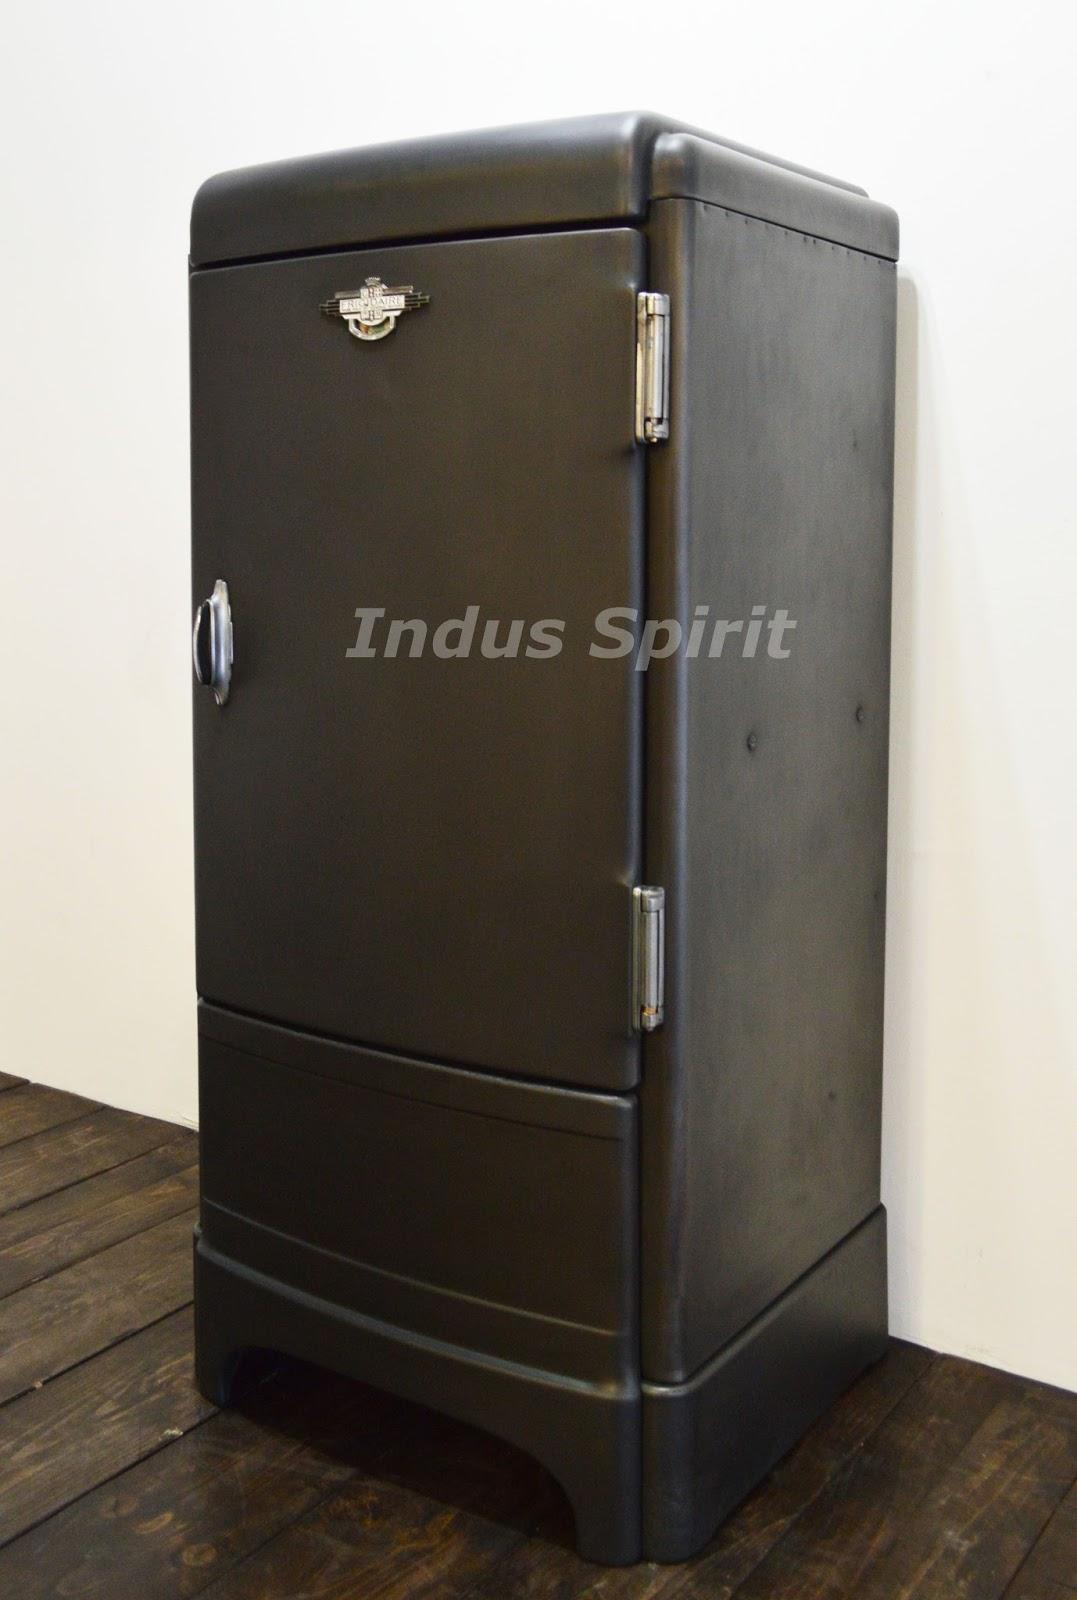 frigo frigidaire. Black Bedroom Furniture Sets. Home Design Ideas